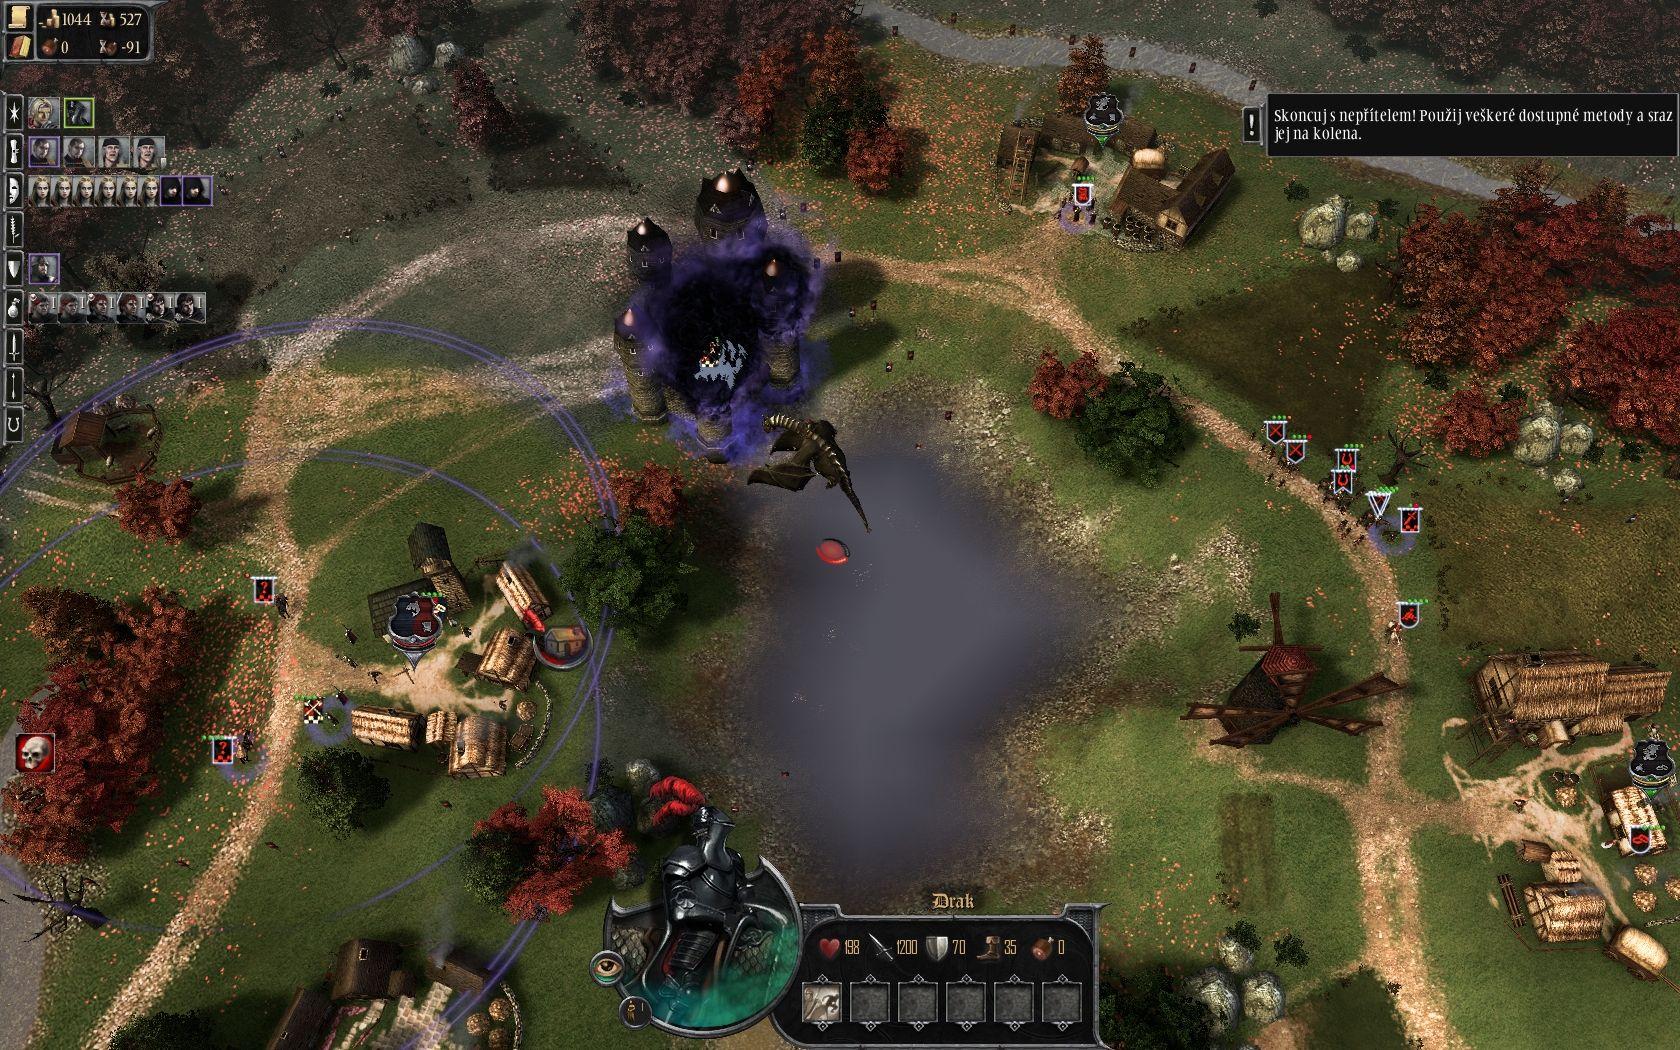 Hra o trůny: Zrození – buď vyhraješ, nebo zemřeš 53115